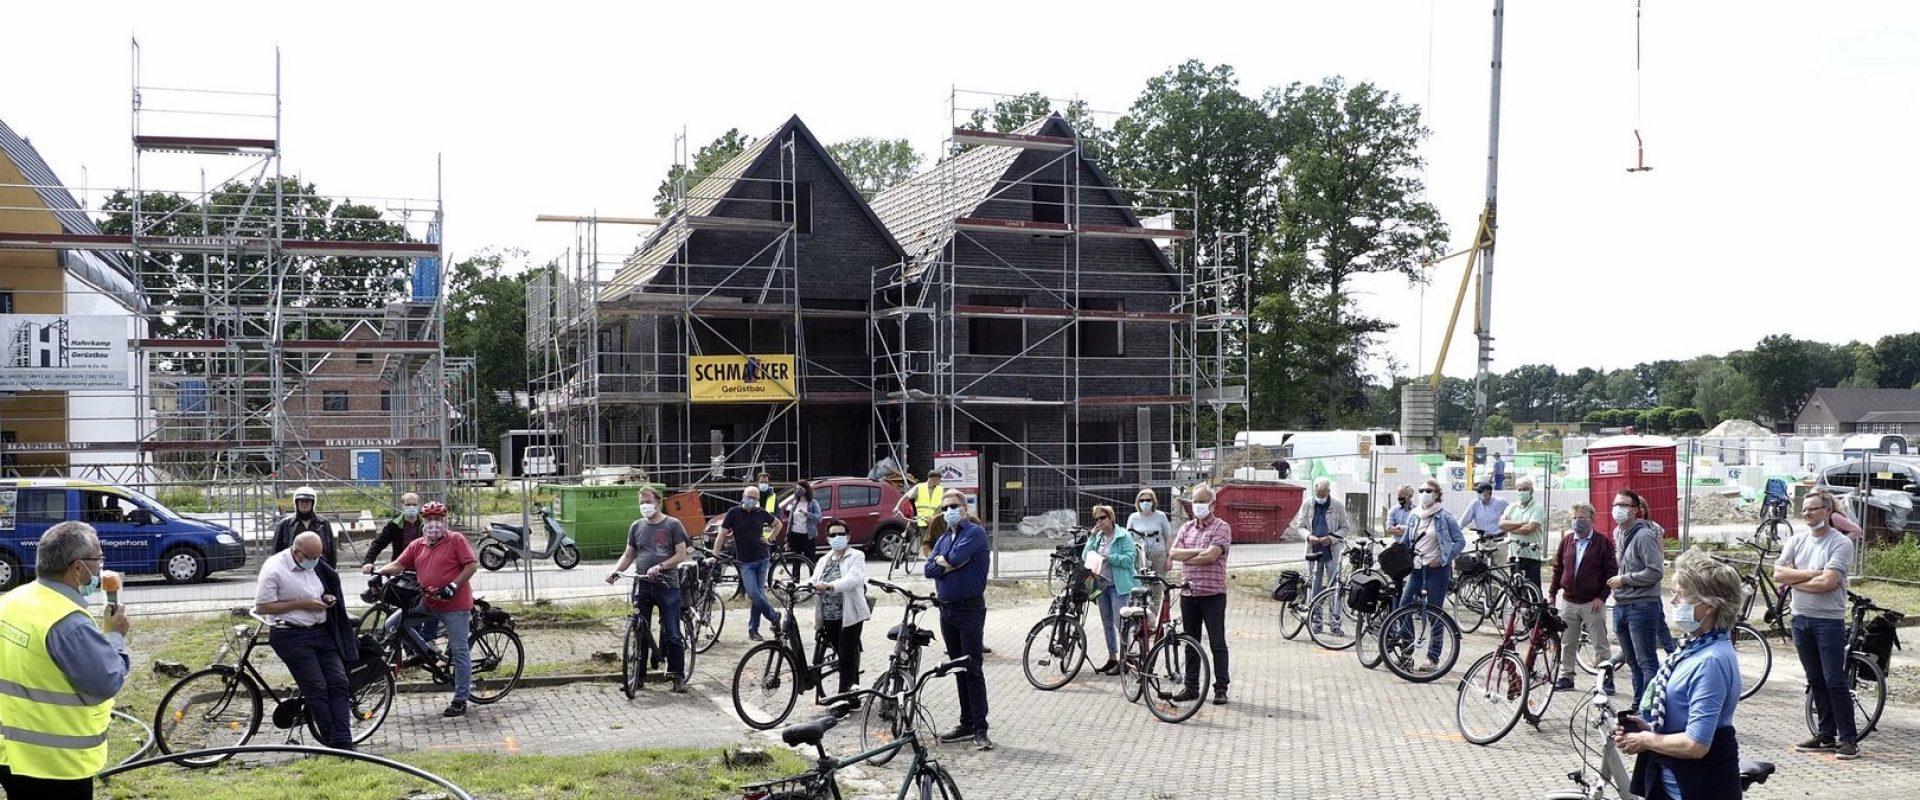 Radtour_mit_dem_Rat_ueber_den_Flieghorst_11